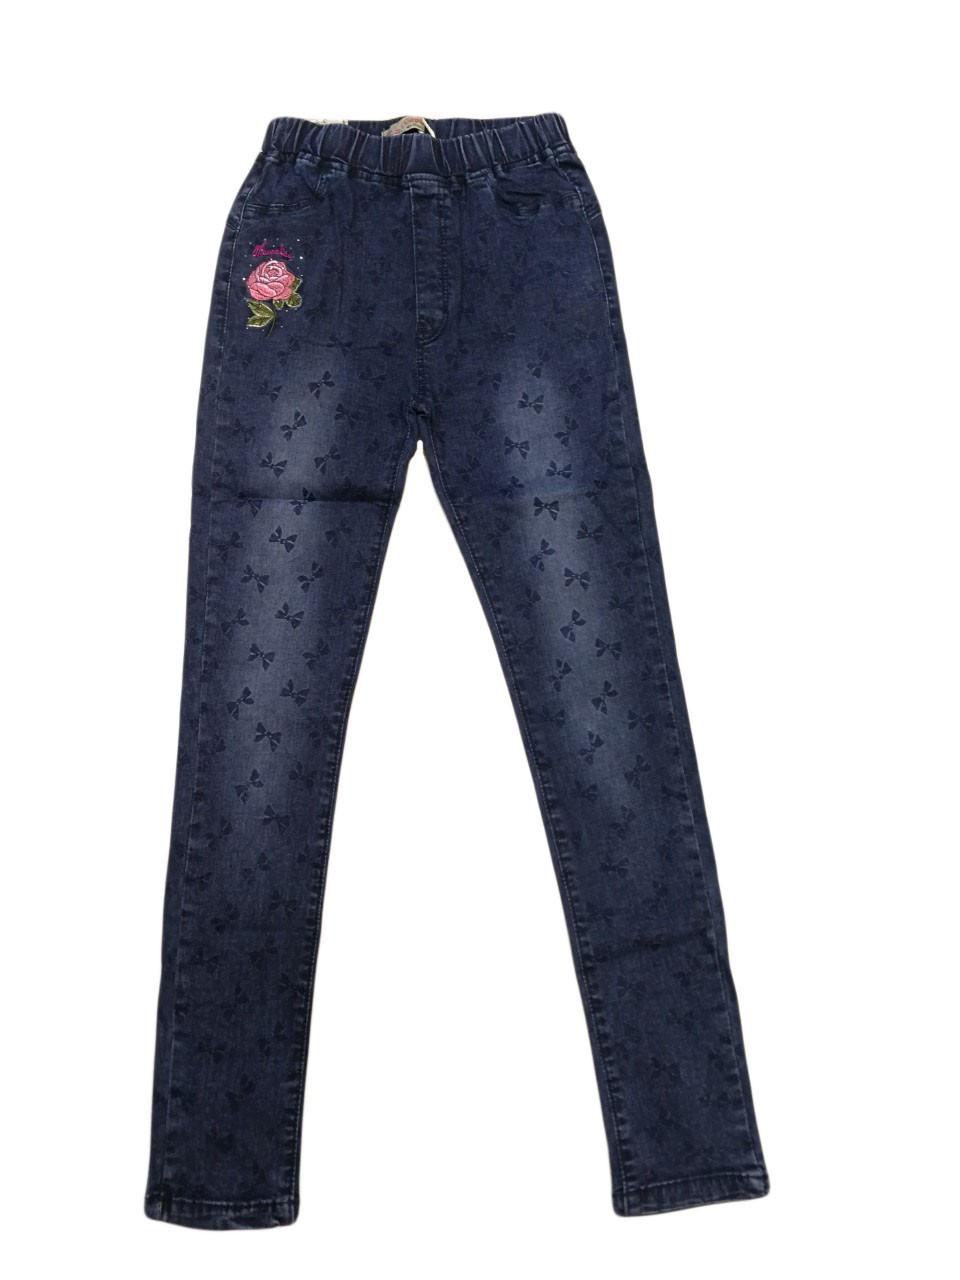 Лосины для девочек под джинс оптом, Seagull , размеры 116-146, арт. CSQ-56762